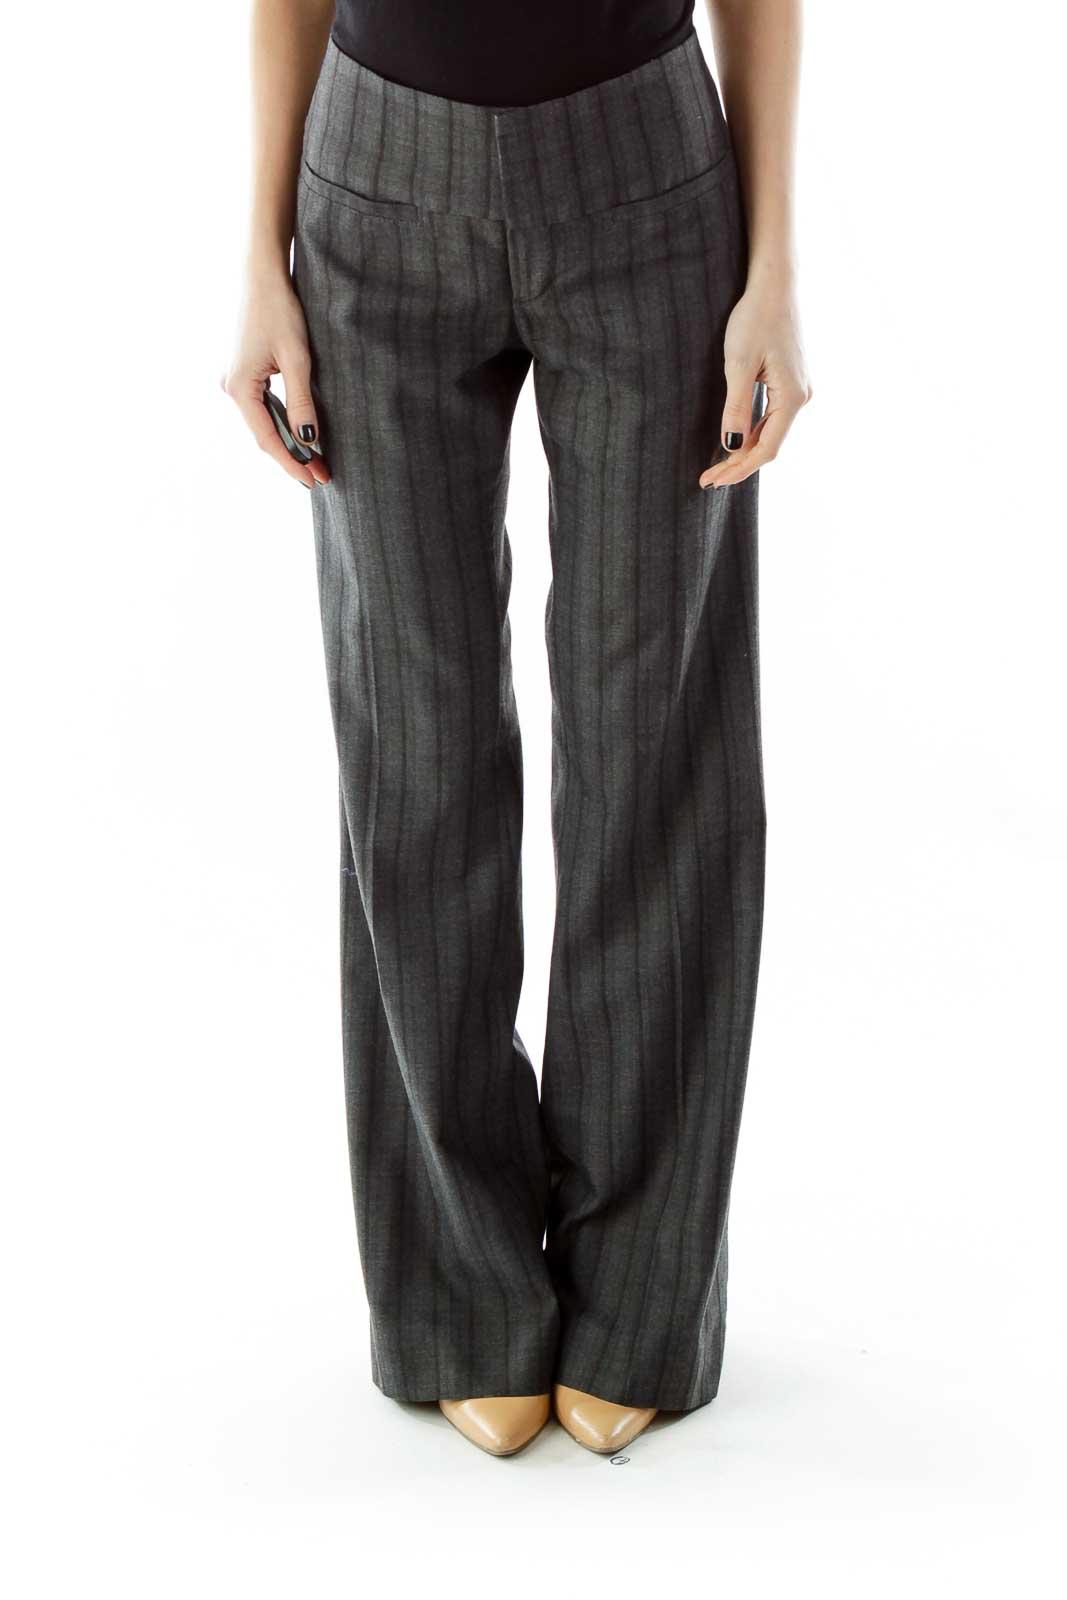 Gray Black Striped Wide-Leg Pants Front